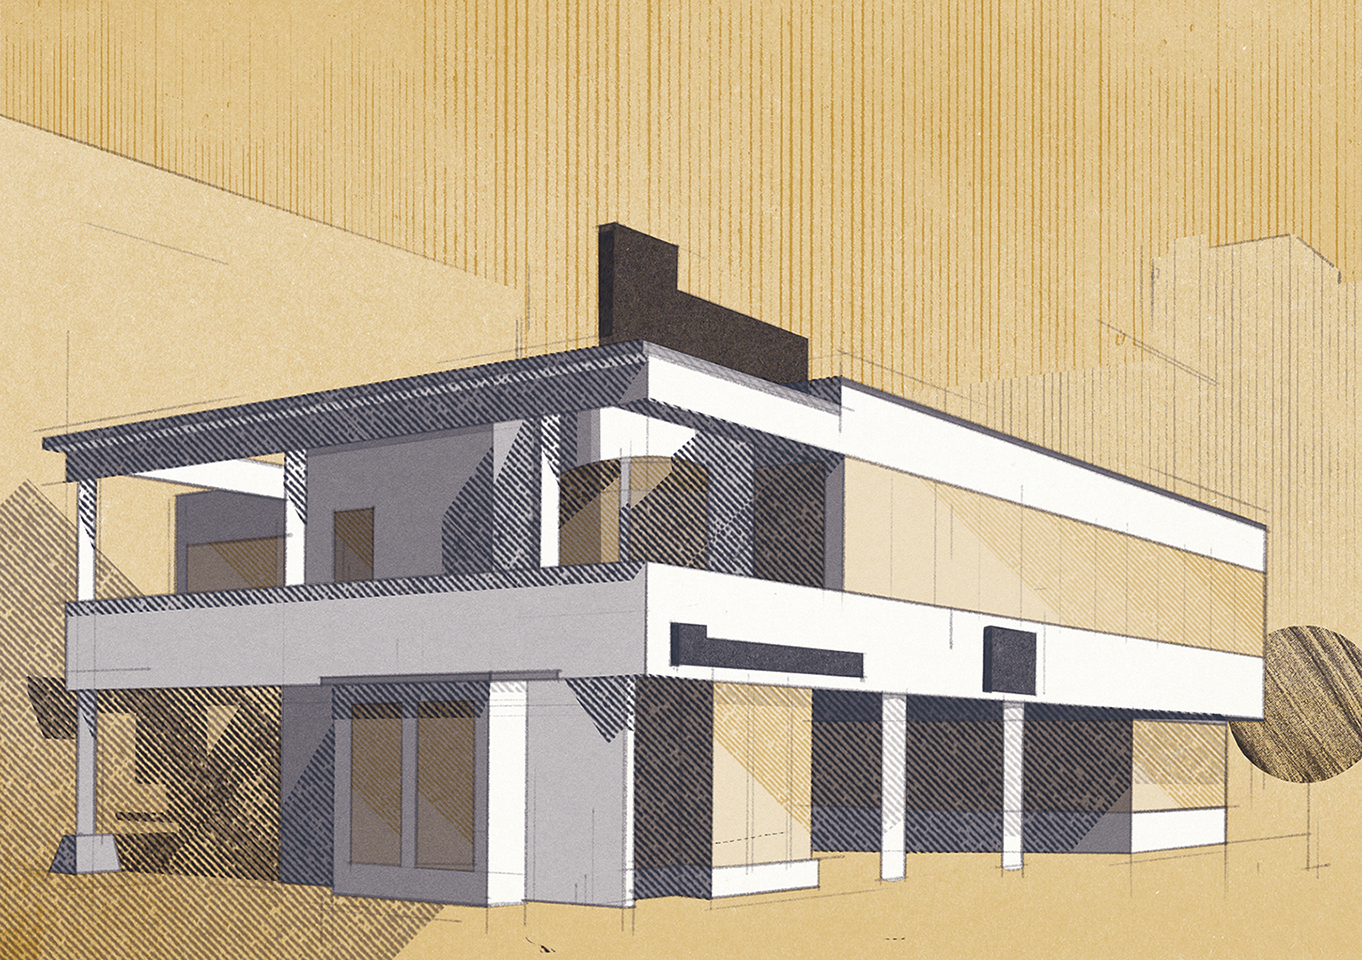 Przewodnik Architektoniczny po Wrzeszczu